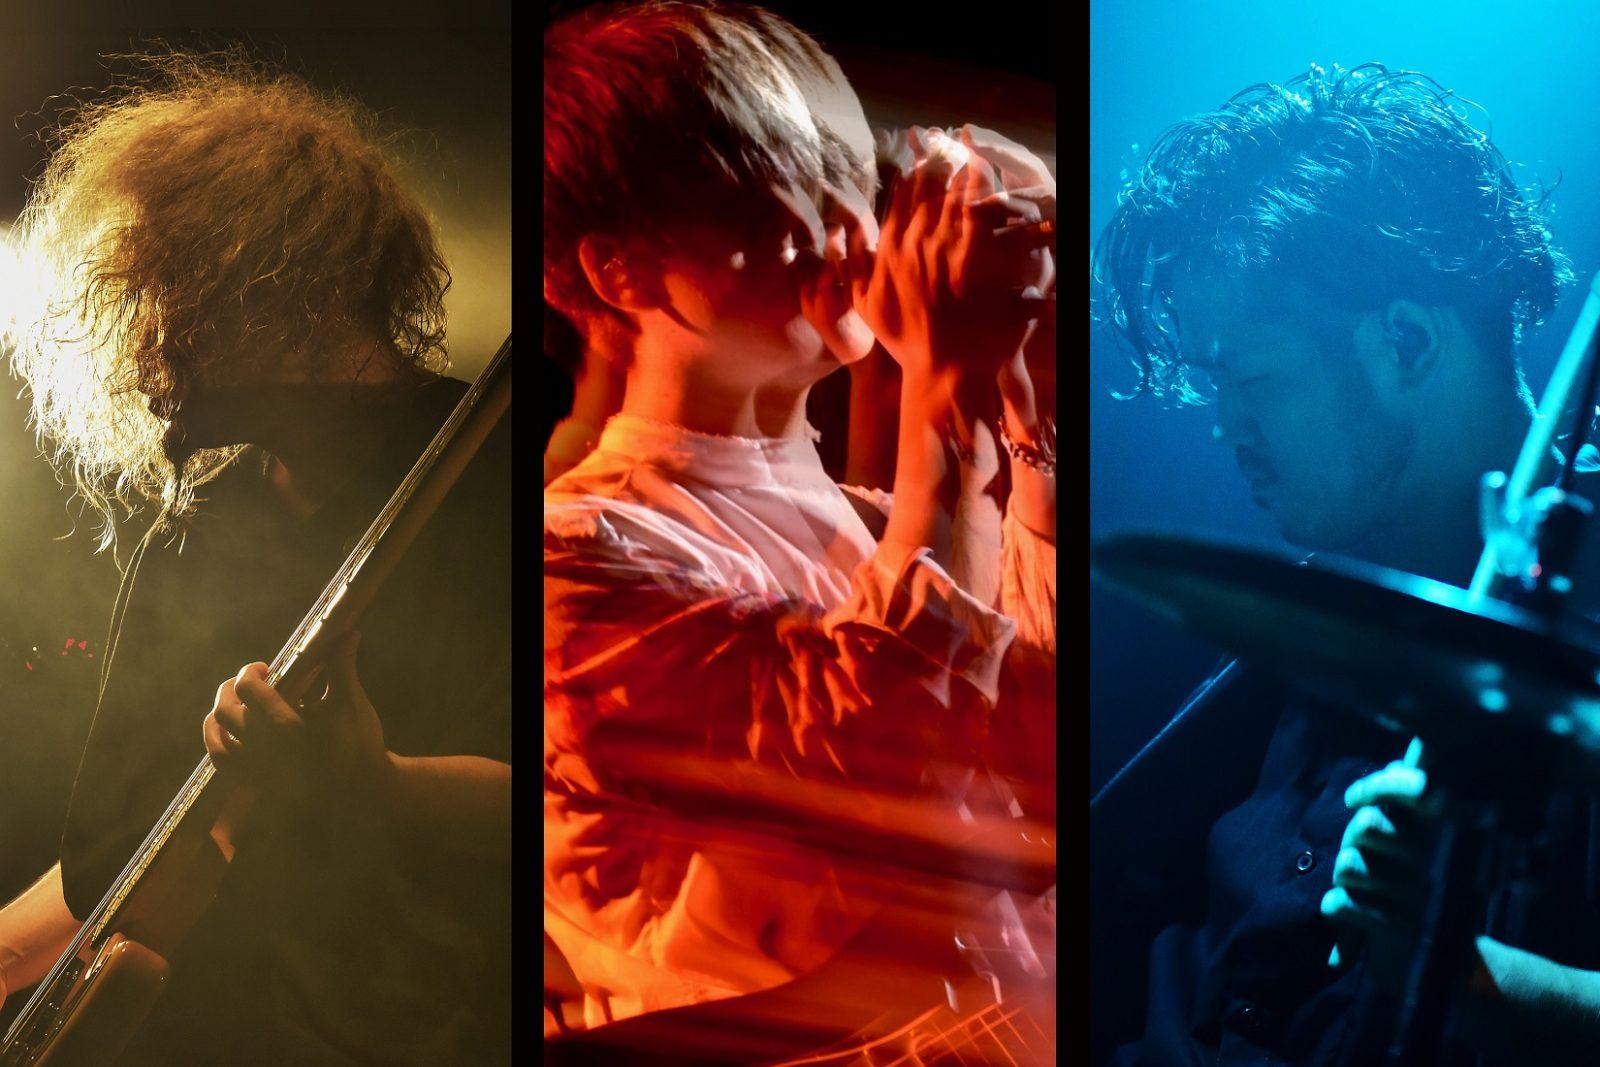 3ピースロックバンドCIVILIAN、3月13日(金)に無観客ライブを「17 Live」で生配信サムネイル画像